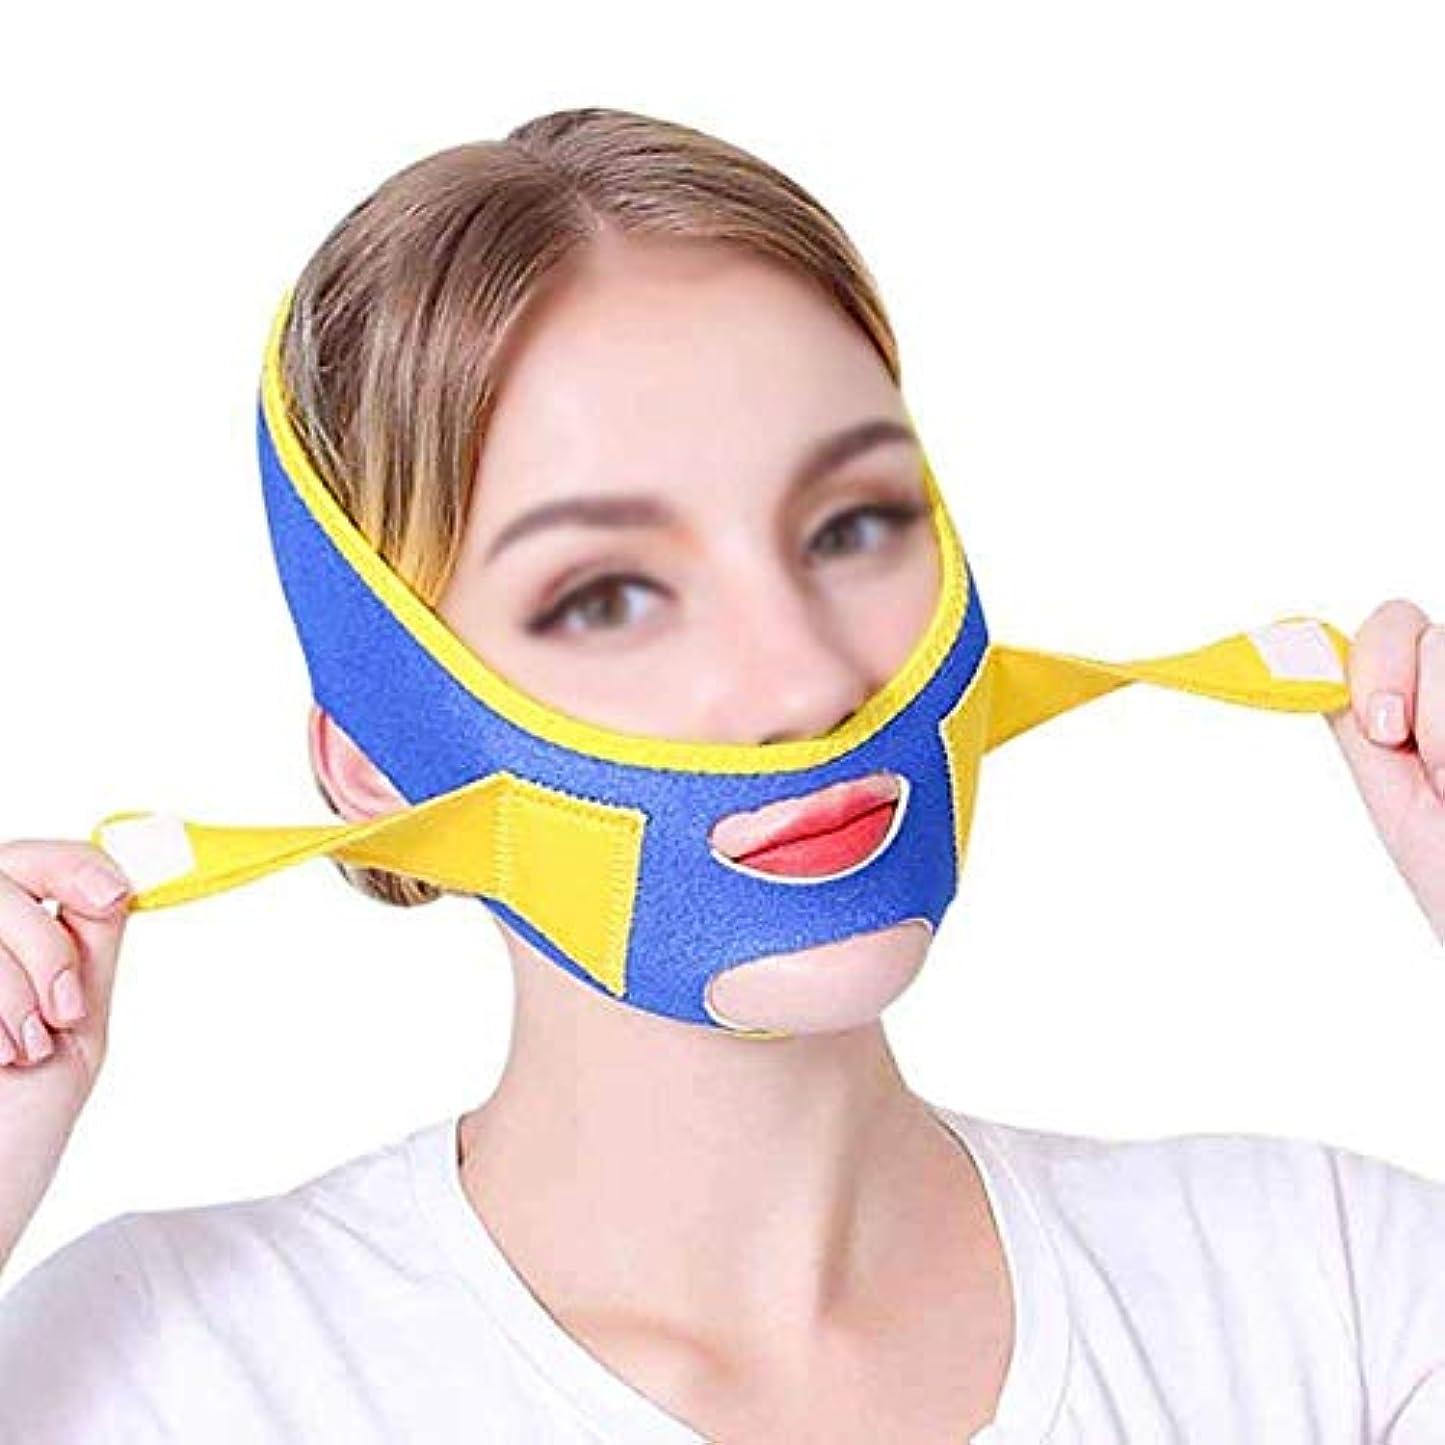 豊かにするナイロンバウンドフェイスリフトマスク、あごひも回復包帯薄いフェイスマスクVフェイスステッカーフェイスリフトステッカー韓国本物のリフティング引き締め引き締め成形薄いダブルチンフェイスリフト睡眠包帯アーティファクト